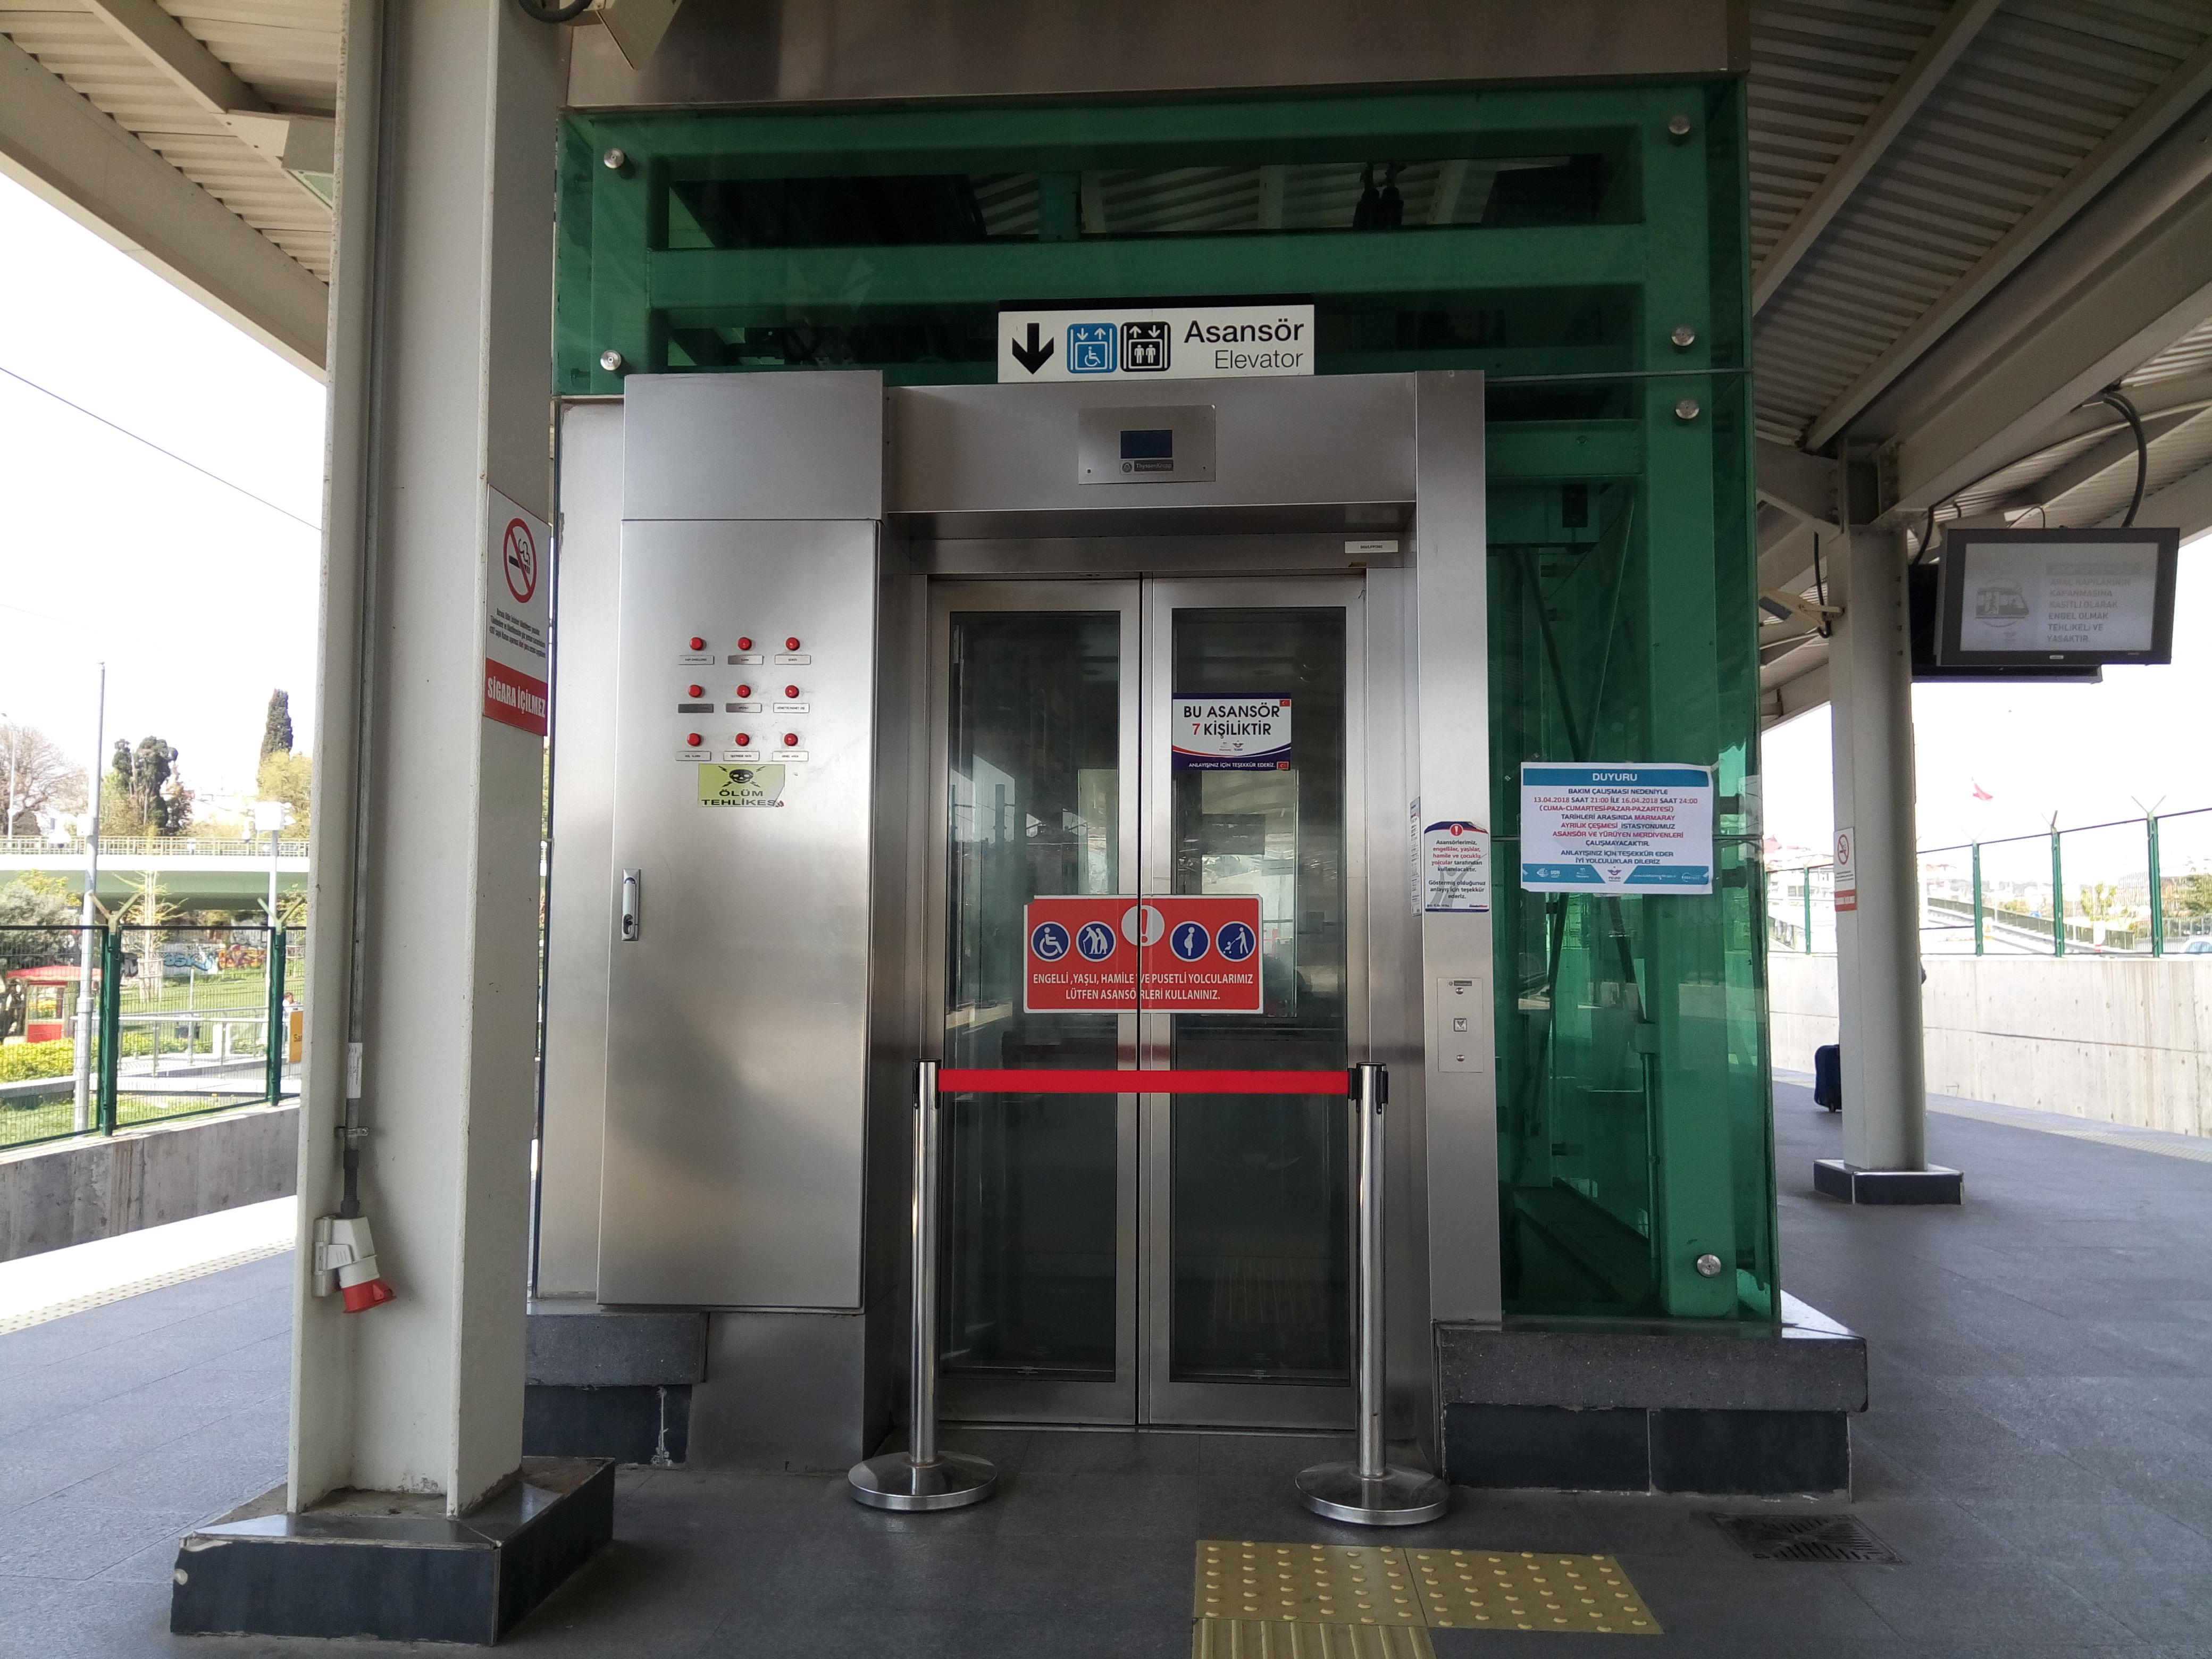 Arkadaşlar, önümüzdeki üç gün boyunca Ayrılıkçeşmesi Marmaray istasyonu asansörü ve yürüyen merdivenleri Cumartesi Pazar ve Pazartesi tadilattadır.